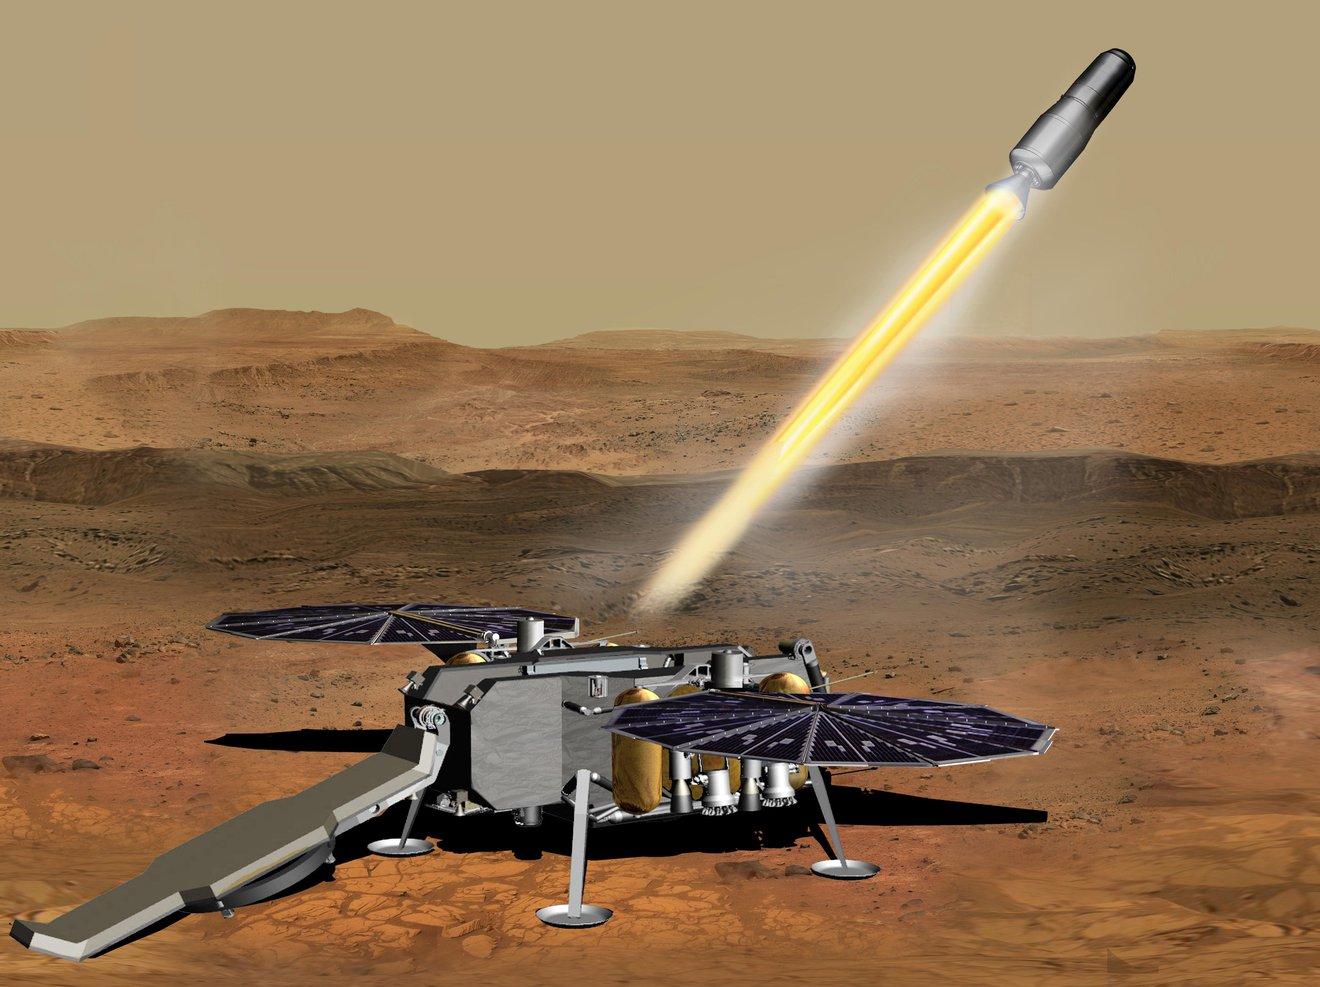 La NASA adjudica el contrato del sistema de propulsión Mars Ascent para la devolución de muestras de la superficie de Marte que encapsulará Perseverance.